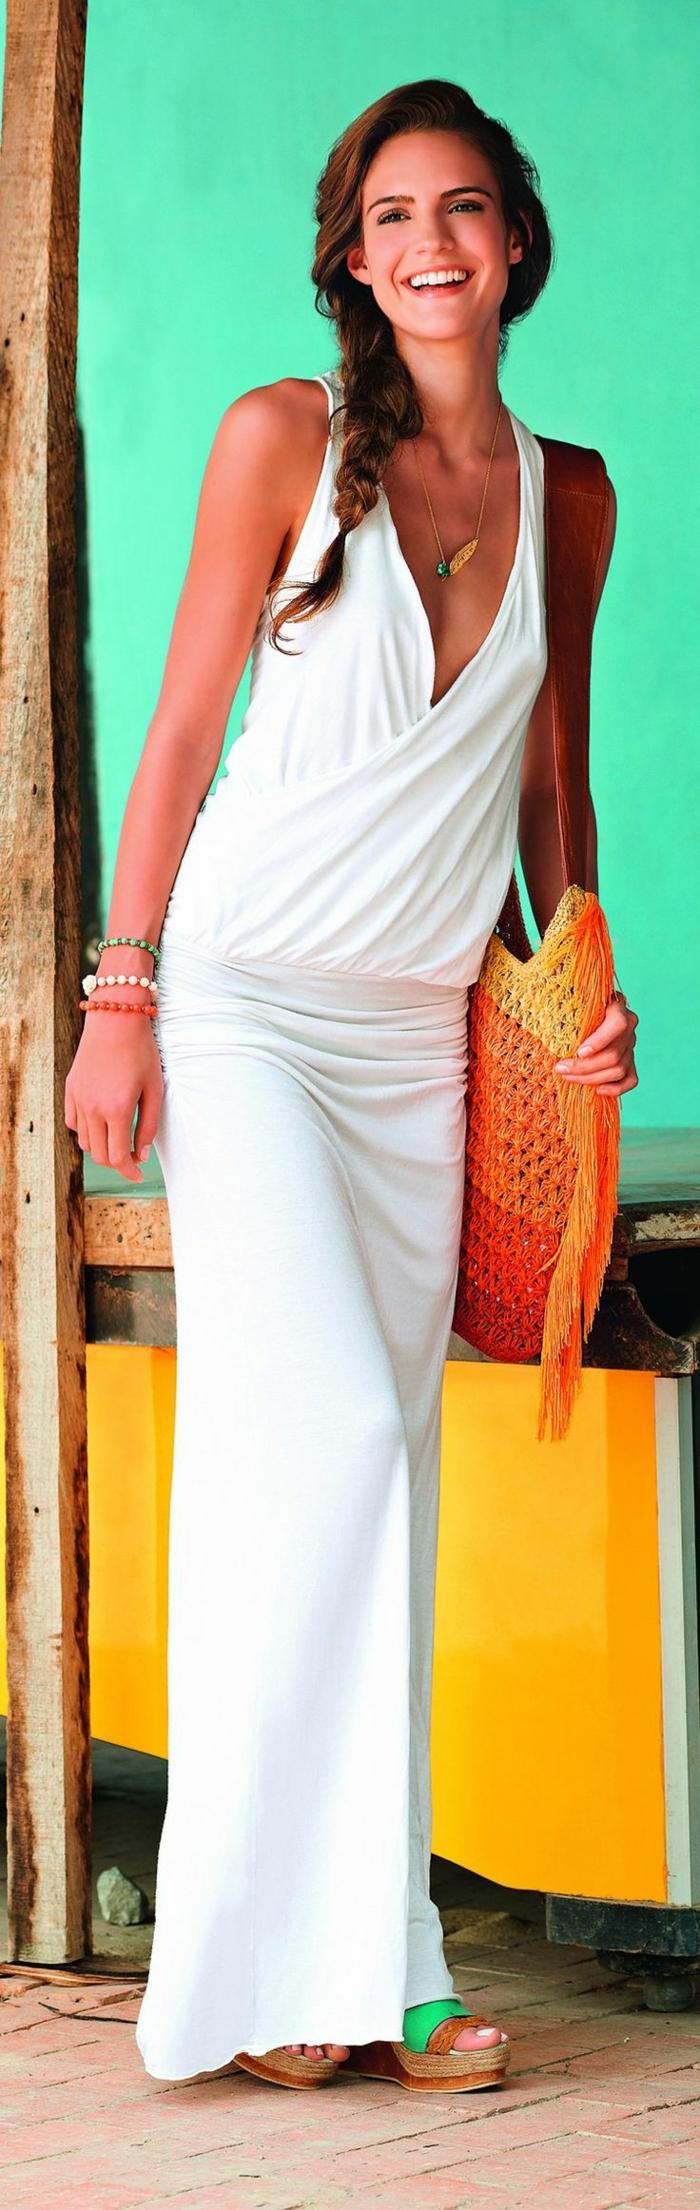 robe-longue-été-robe-d-été-longue-tenue-de-jour-platforme-robe-blanche